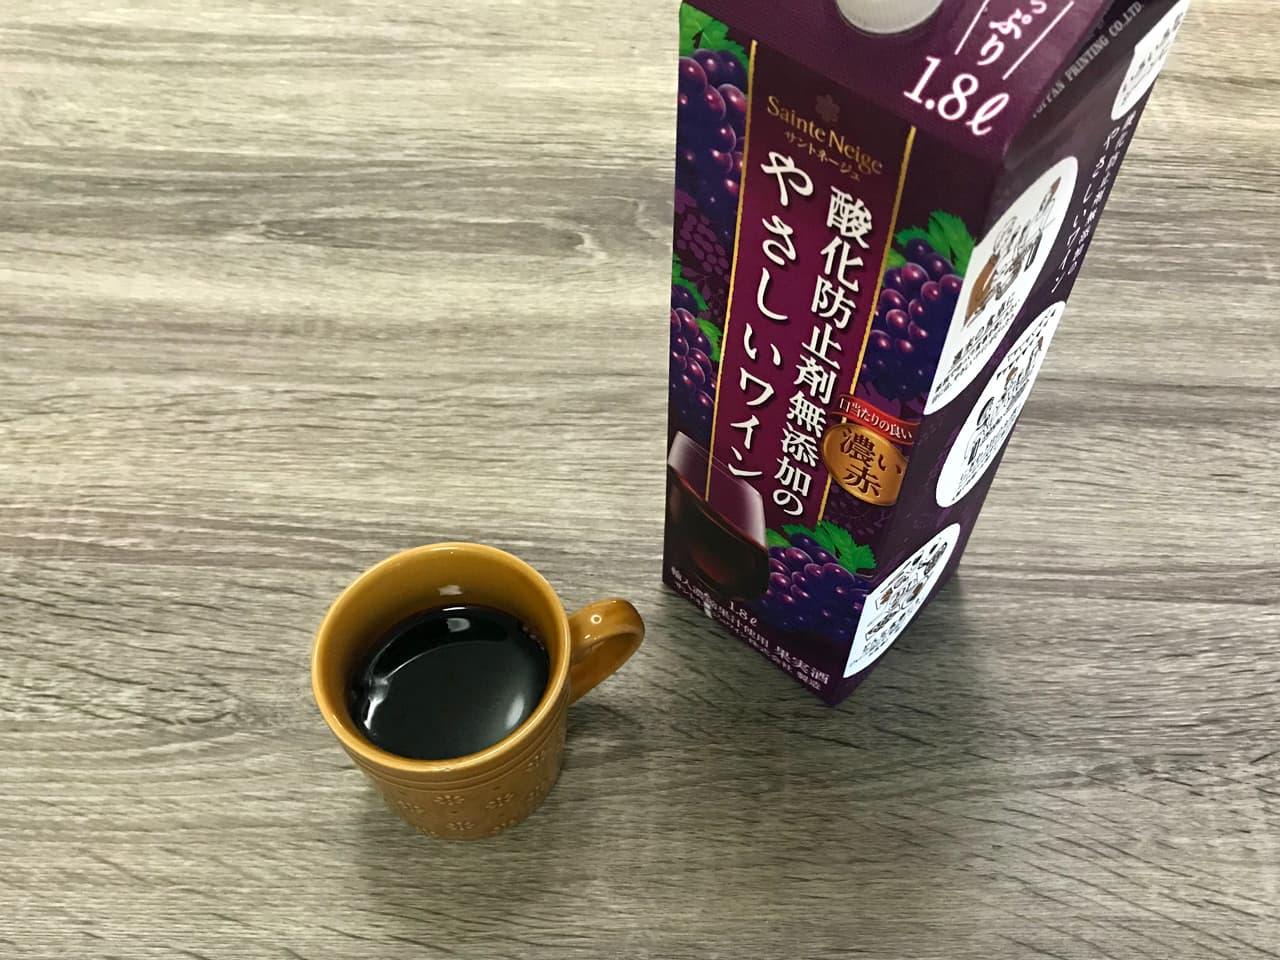 コーヒーカップに入れたワインの写真